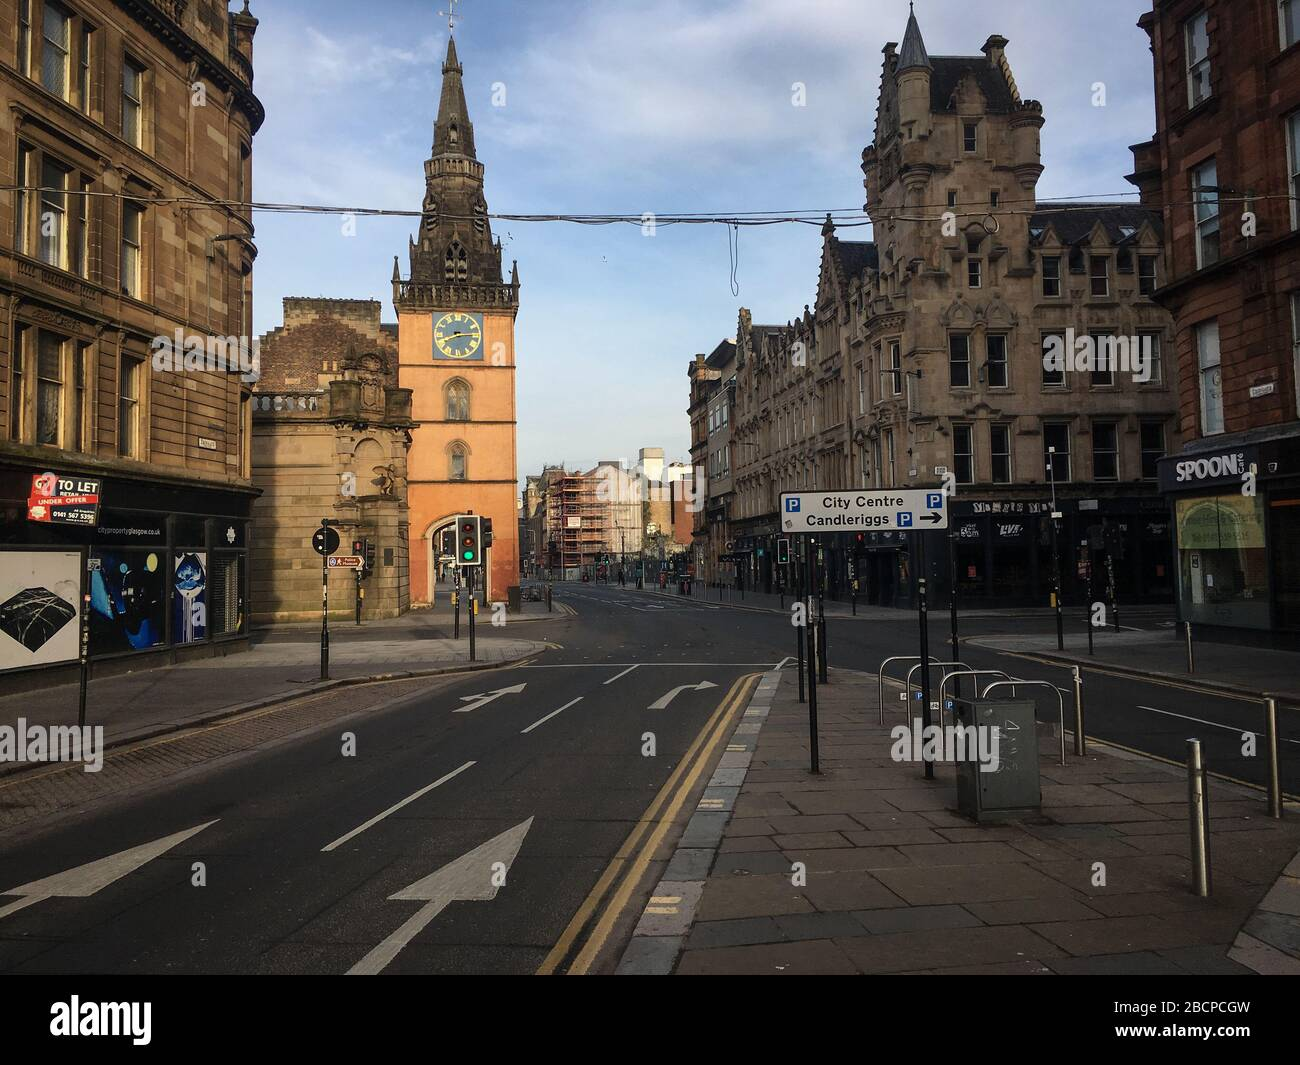 """Glasgow, Reino Unido. 5 de abril de 2020. Calles vacías en el centro de la ciudad, lo que ilustra que las pautas de distanciamiento social y los avisos de """"estar en casa"""" se están cumpliendo en la época de la crisis pandémica Coronavirus COVID-19. Crédito de la foto: noticias en vivo de jery sutton-hibbert/Alamy Foto de stock"""